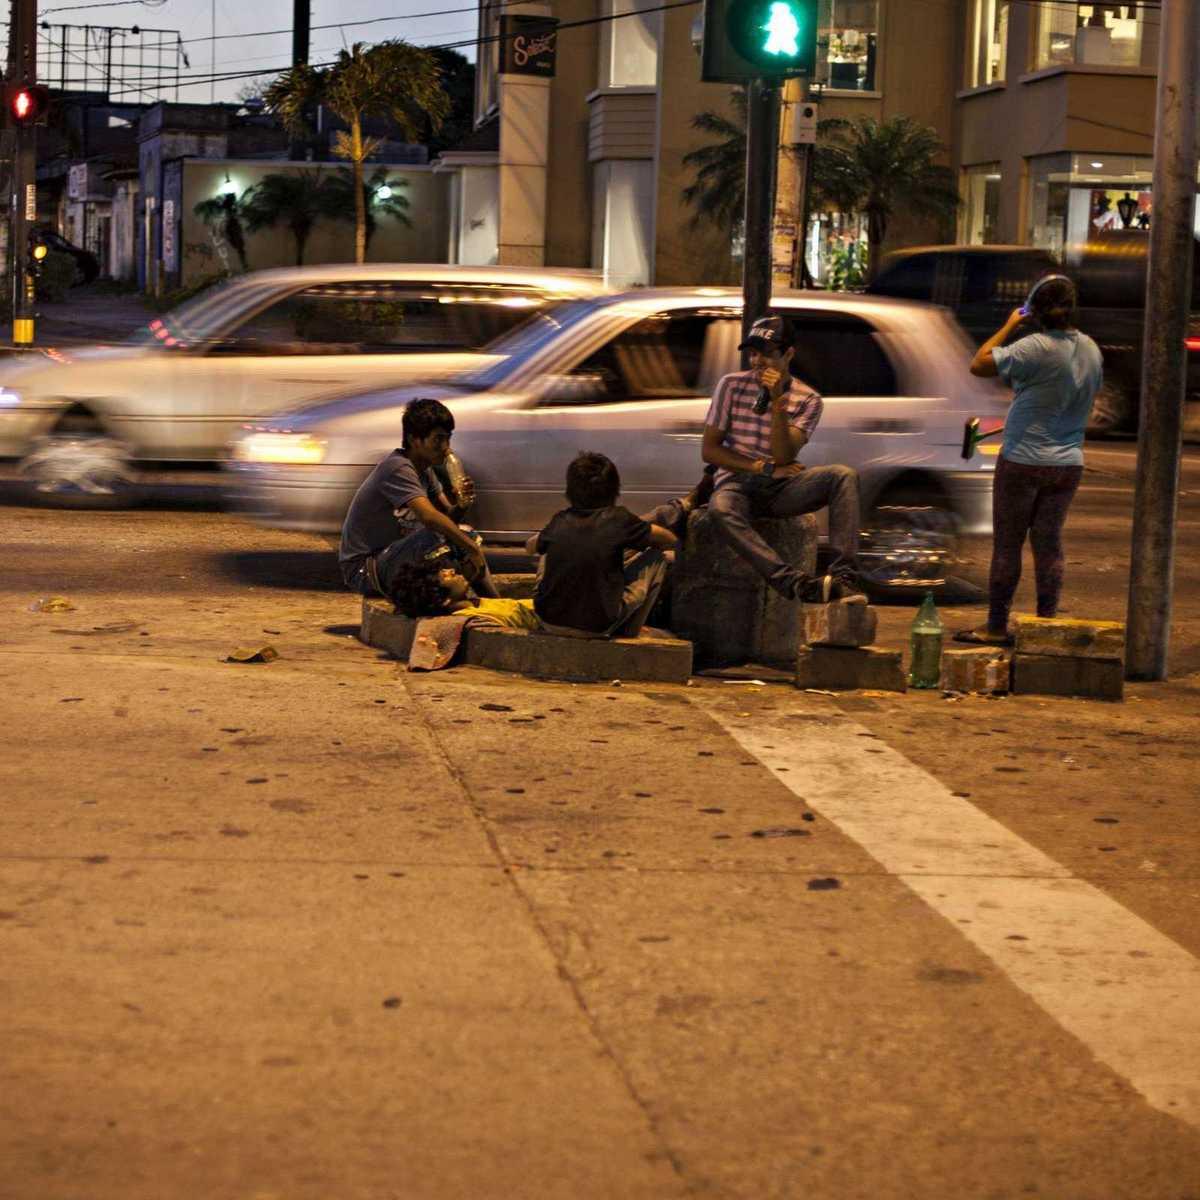 Autos fahren an vier Straßenkindern vorbei die da sitzen und Drogen nehmen